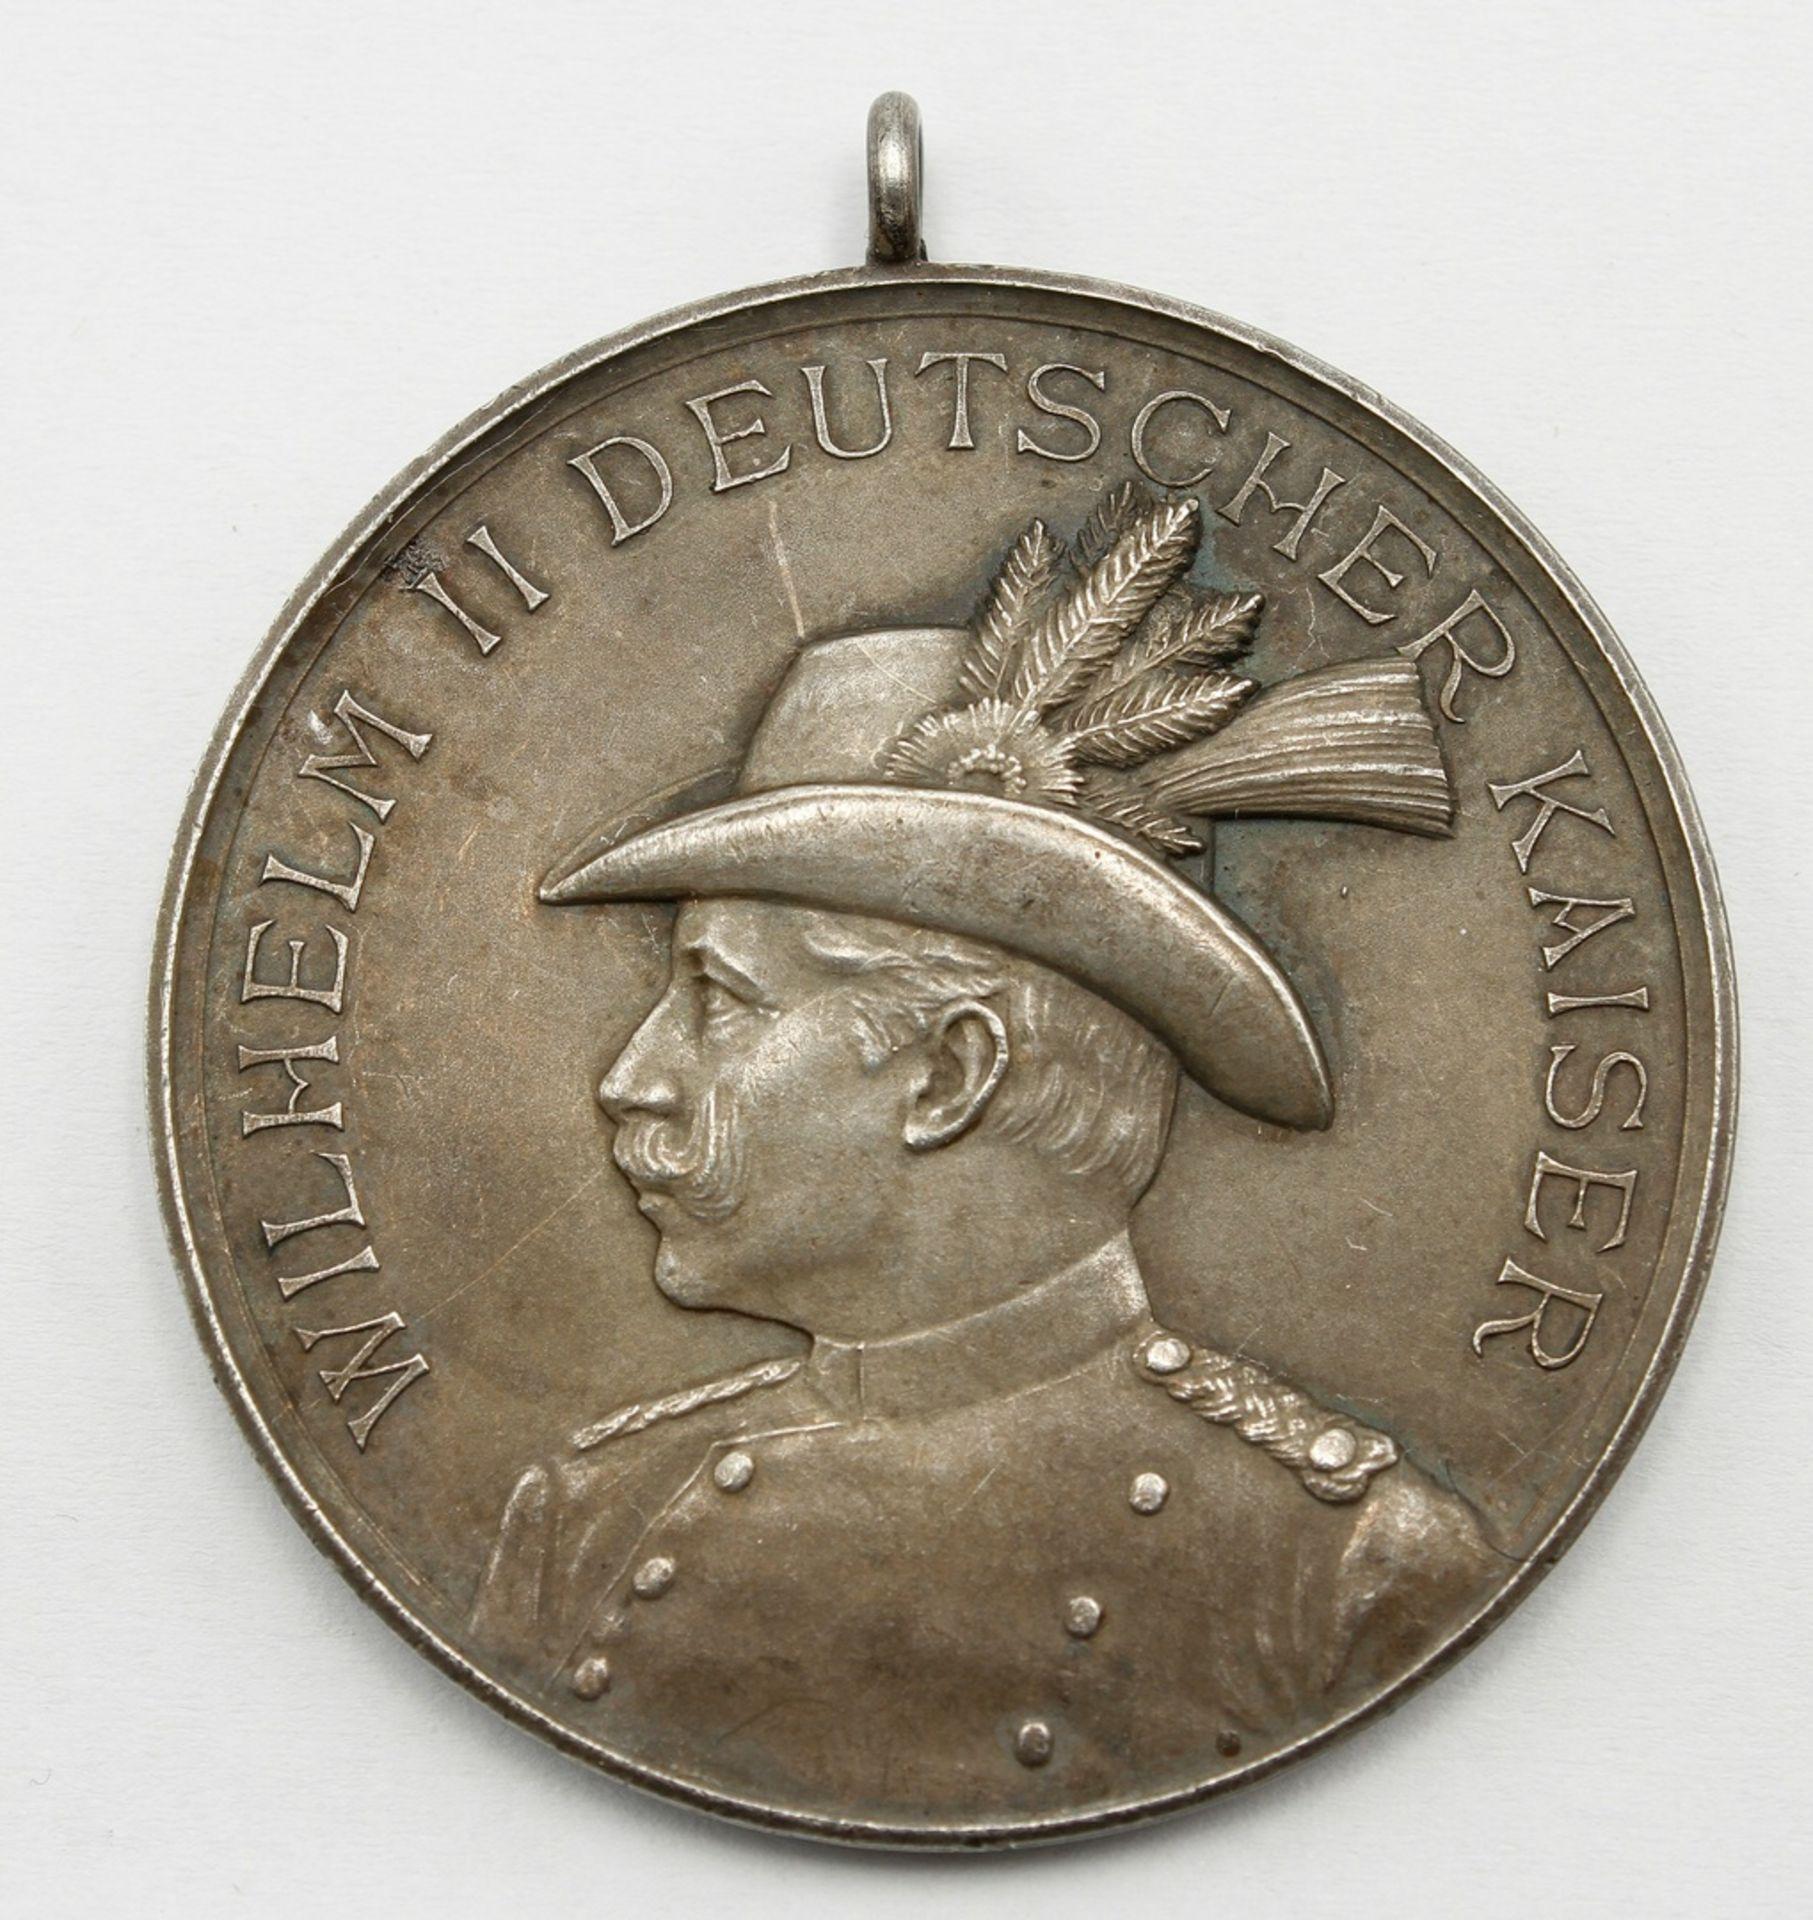 Medaille Halberstadt, 23. Sächs. Provinzial-Bundesschiessen, 1907